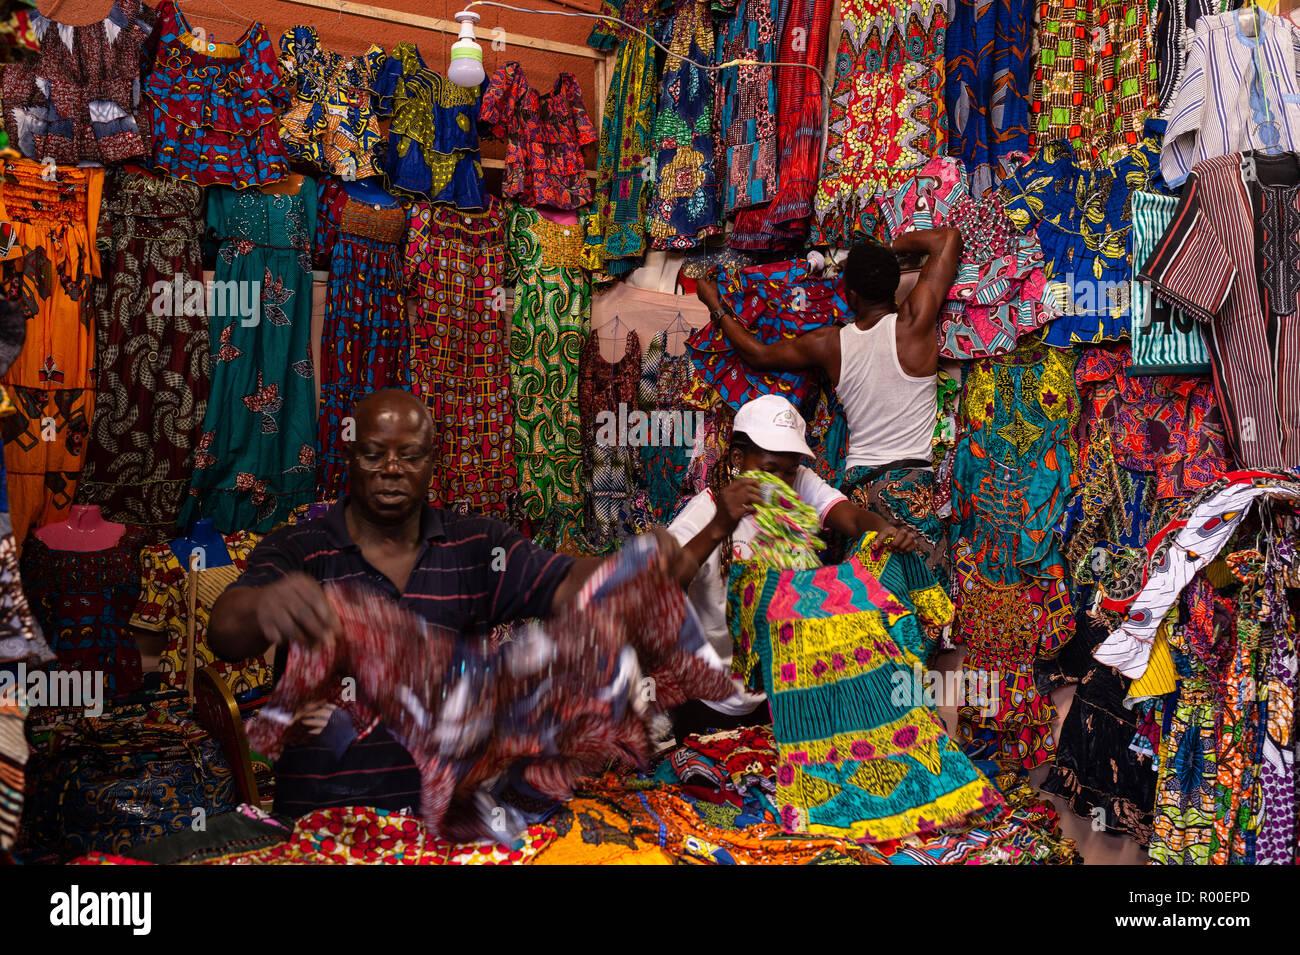 SIAO Ouagadougou, International Arts et artisanat, salon, Foire régionale 26 novembre 2018 - 04 octobre, Ougadoungou, Burkina Faso, Afrique Banque D'Images